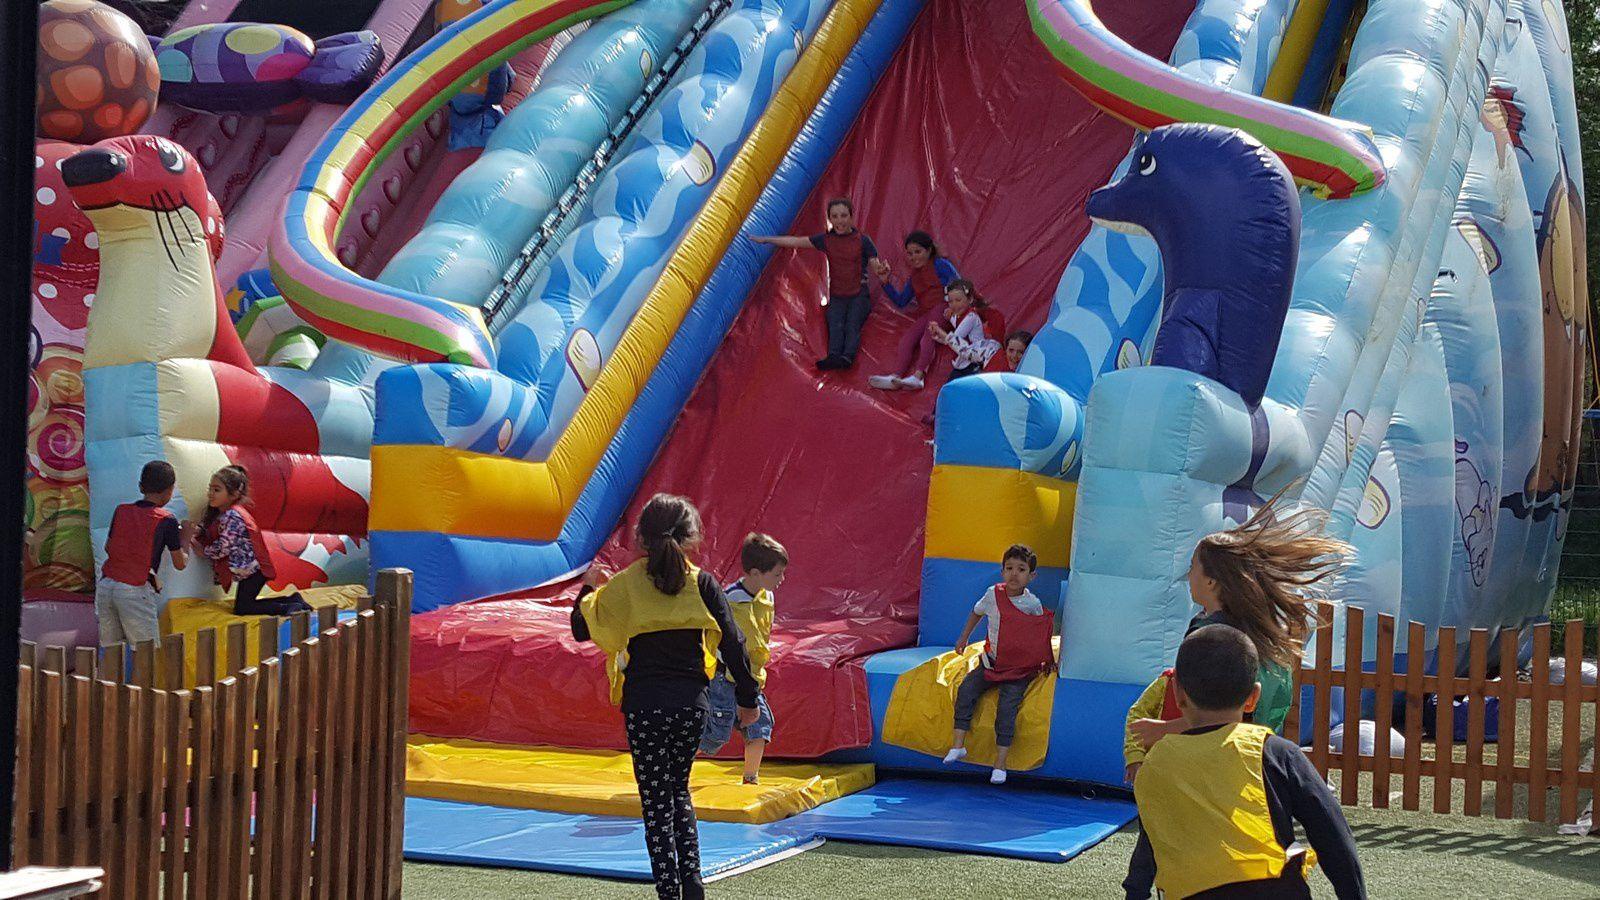 Jeux pour enfants de l'Île de Loisirs de Cergy